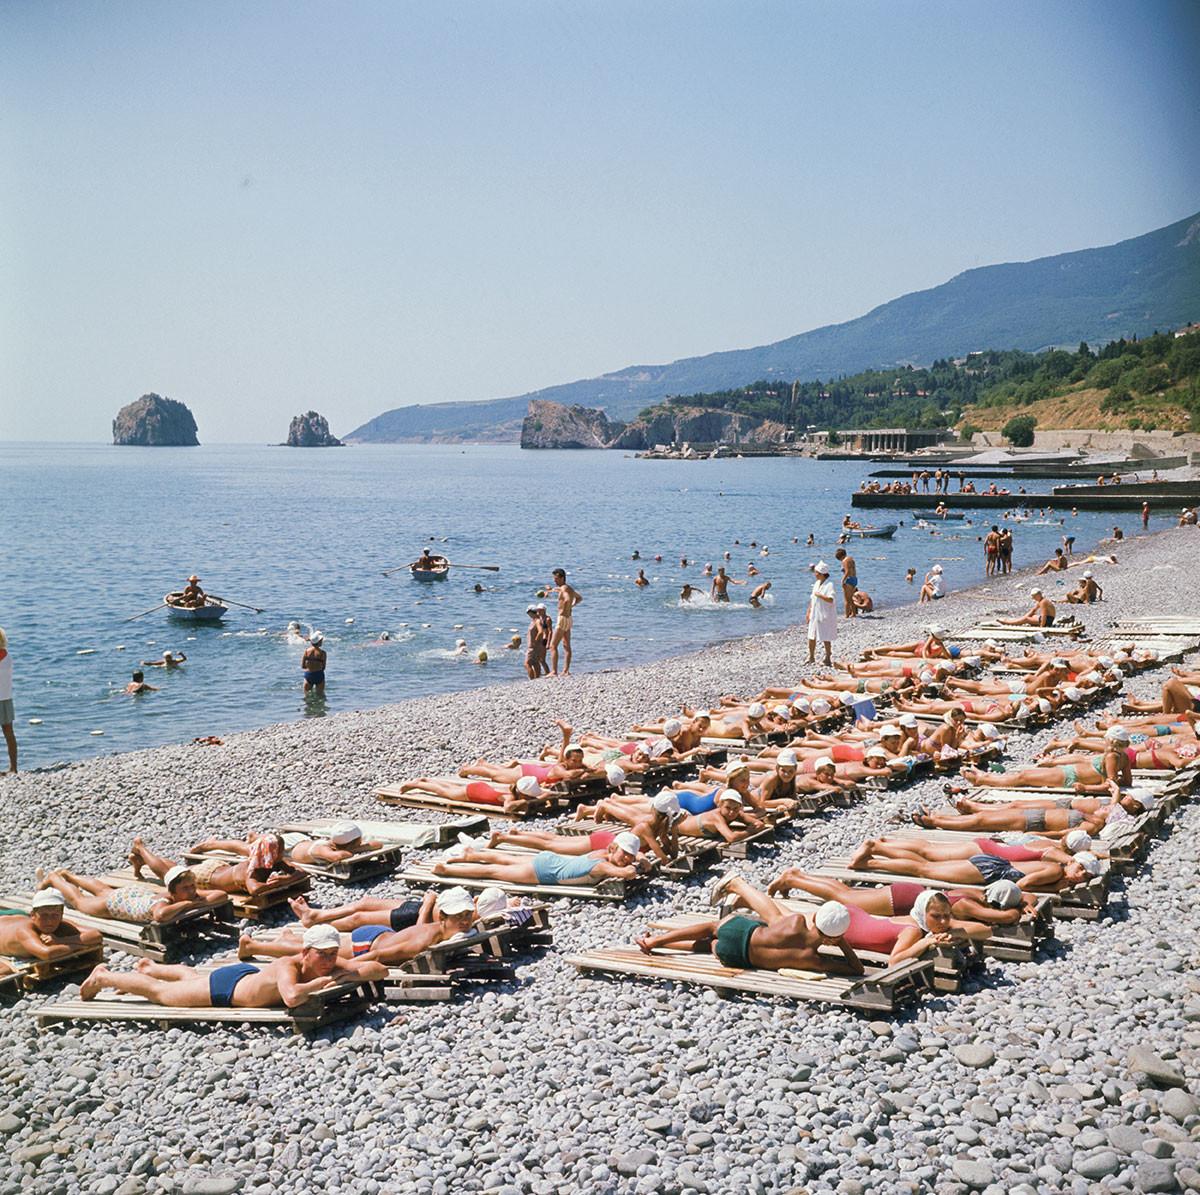 Украјинска ССР. Крим, август 1970. Туристи на плажи у насељу Гурзуф.